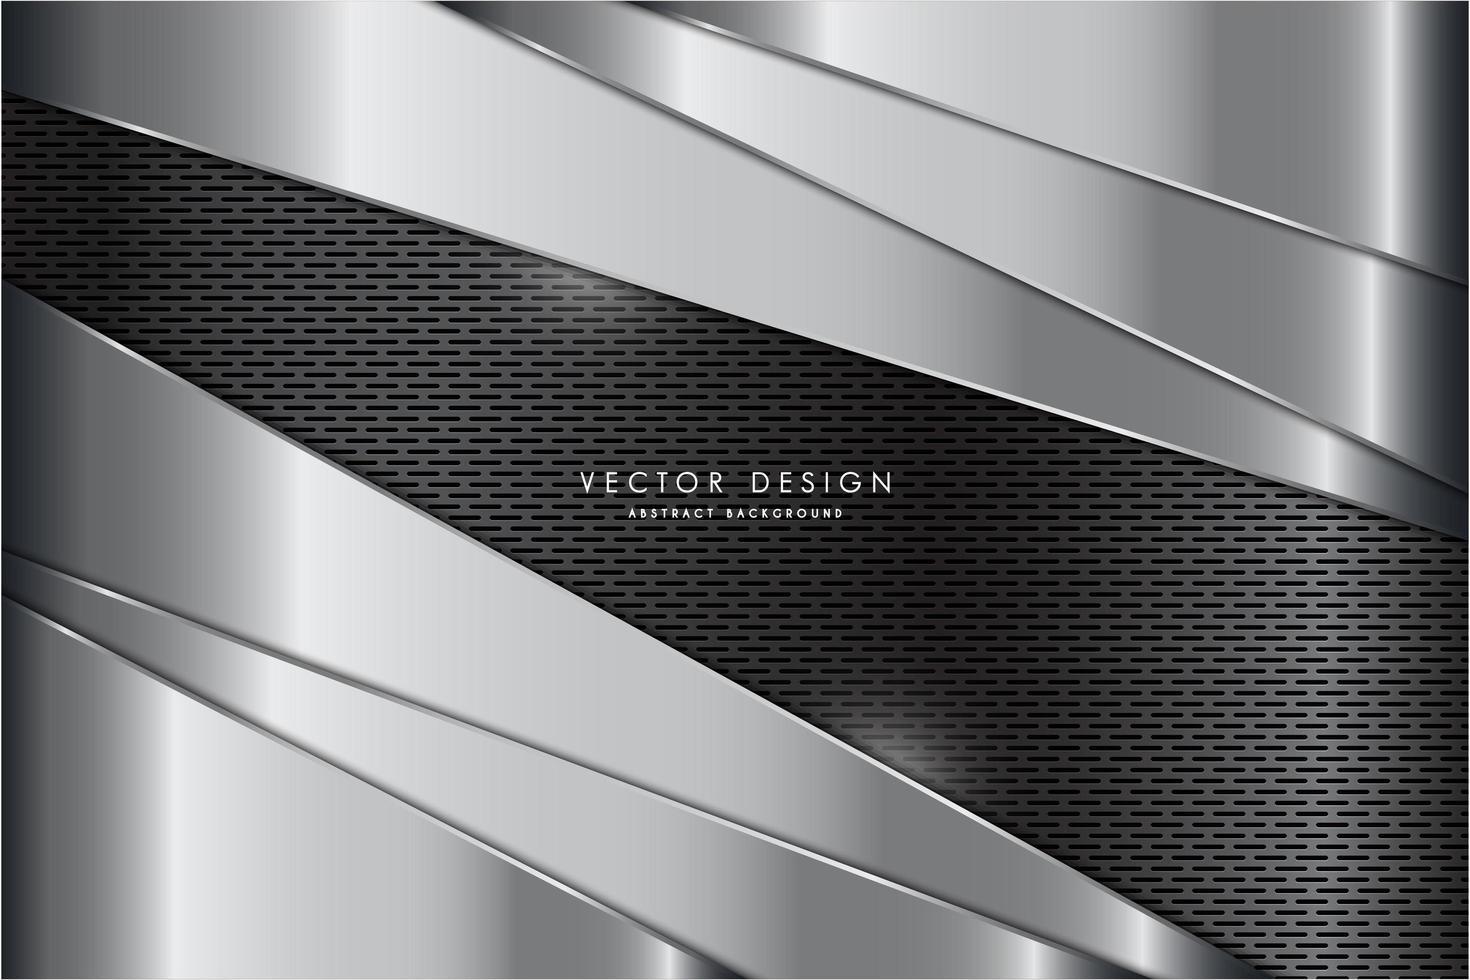 panneaux argentés arrondis métalliques avec texture en fibre de carbone vecteur